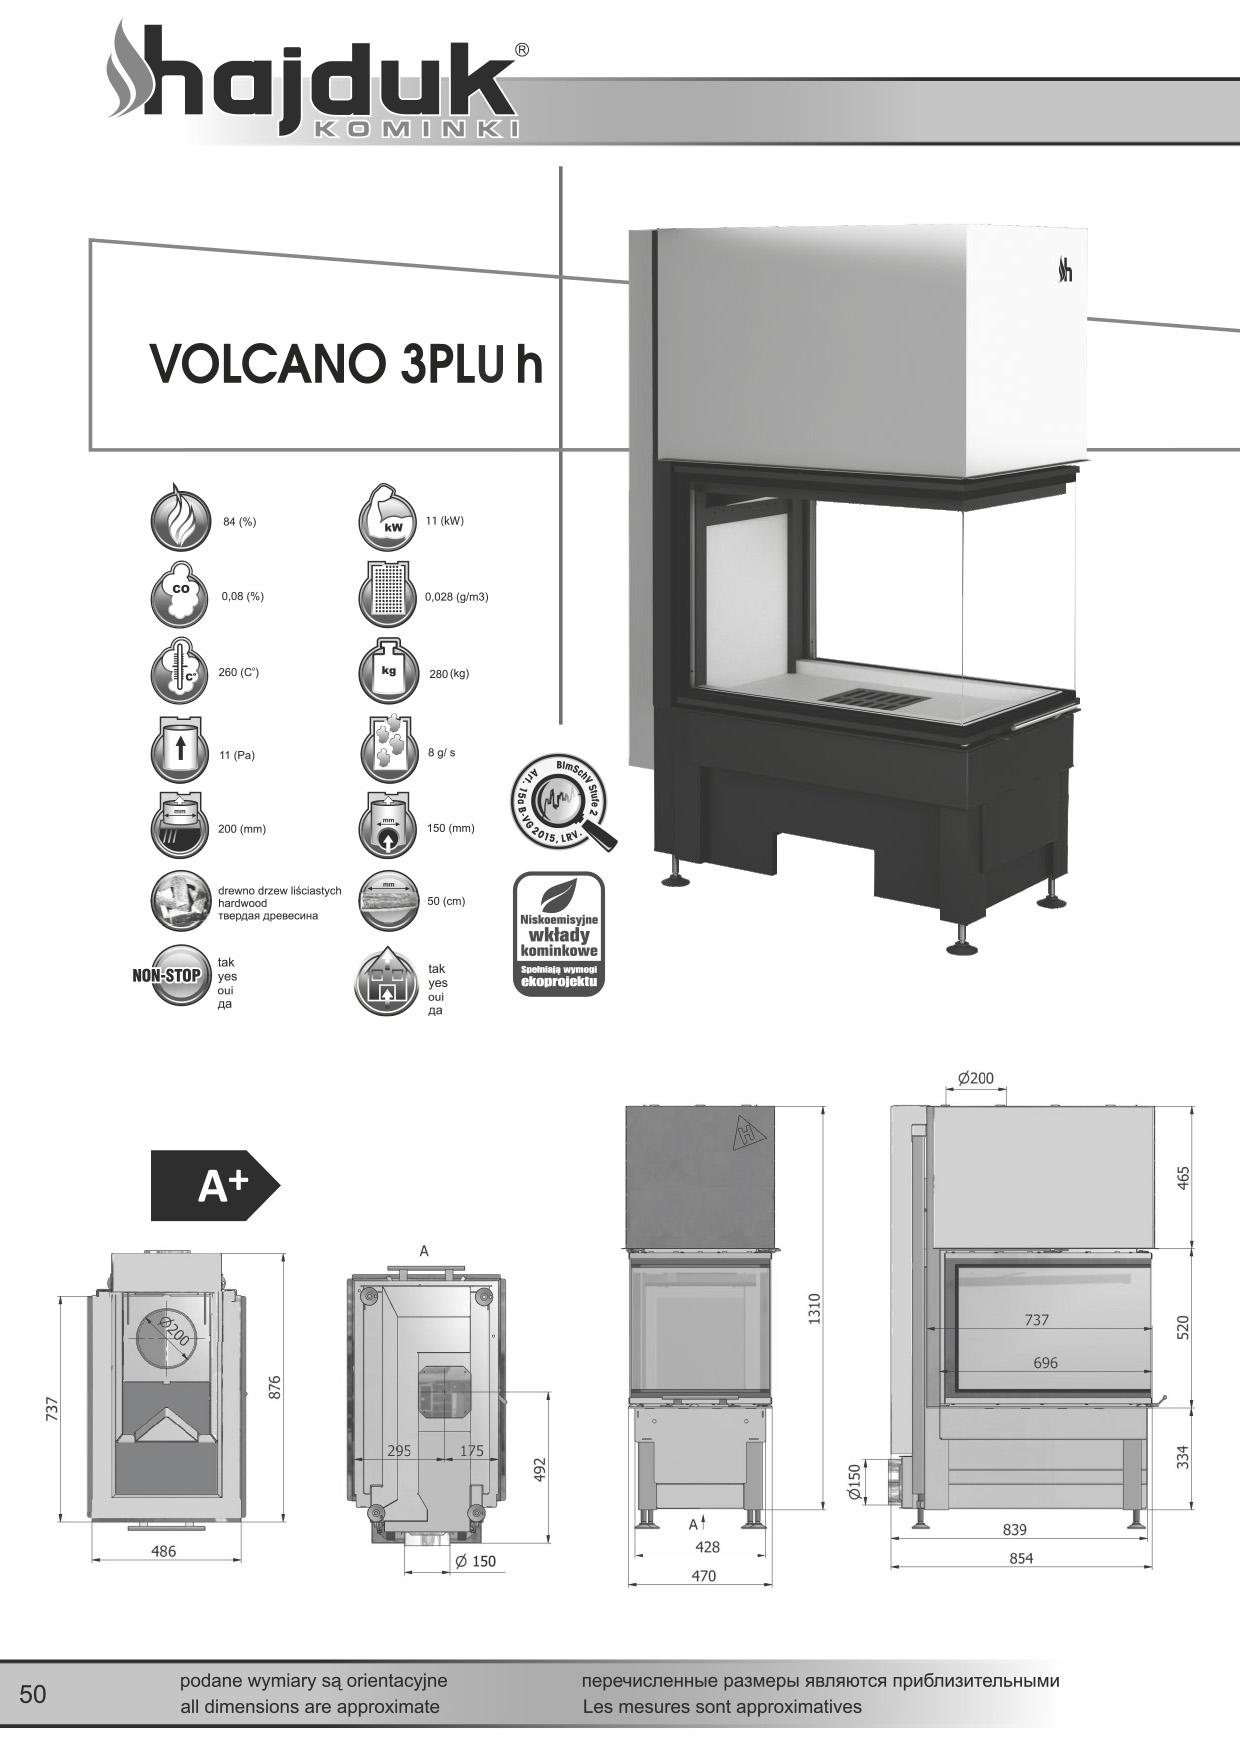 Volcano%203PLUh%20 %20karta%20techniczna - Wkład kominkowy Hajduk Volcano 3PLUh